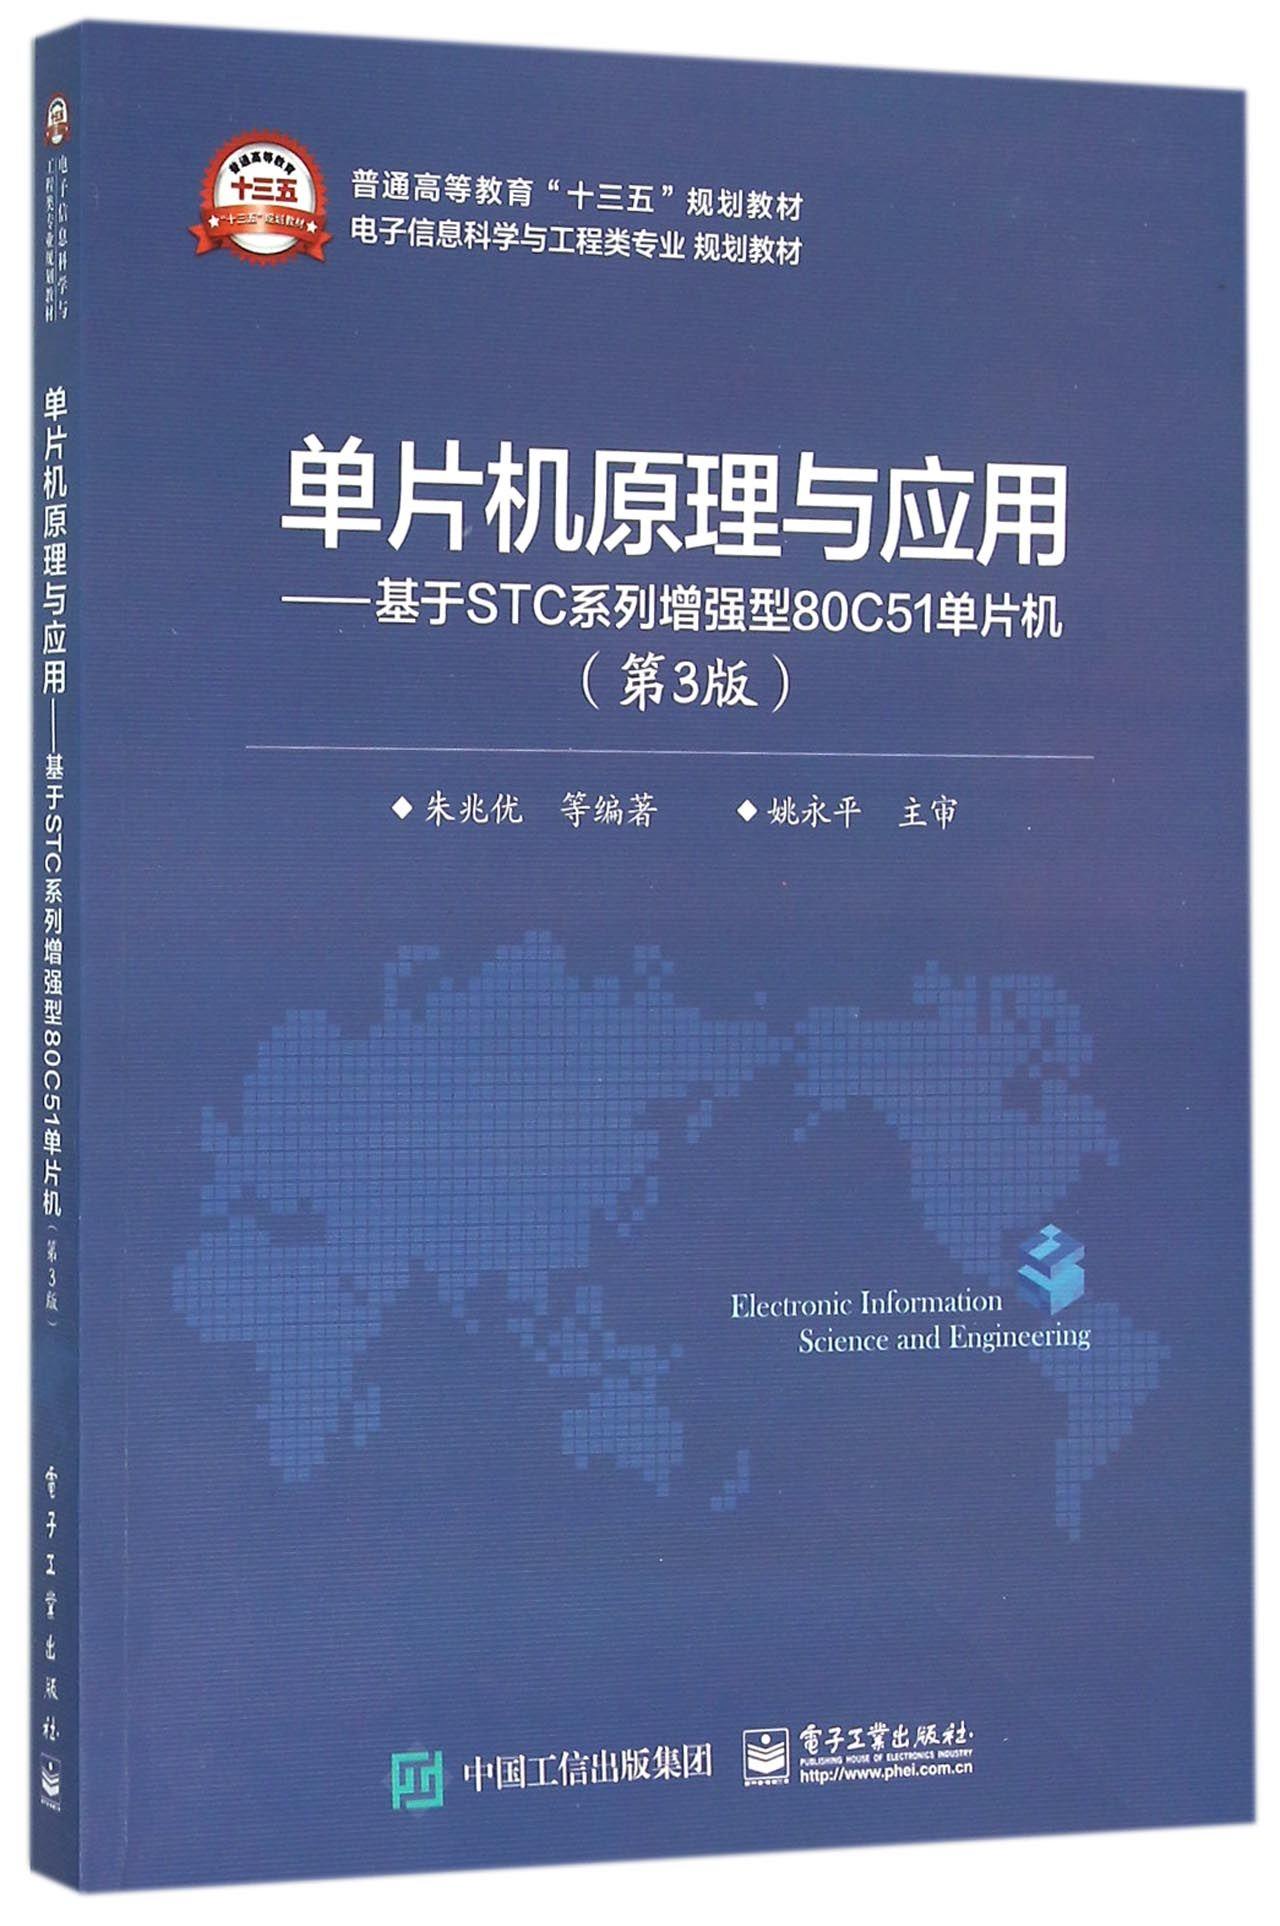 单片机原理与应用--基于STC系列增强型80C51单片机(第3版电子信息科学与工程类专业规划教材普通高等教育十三五规划教